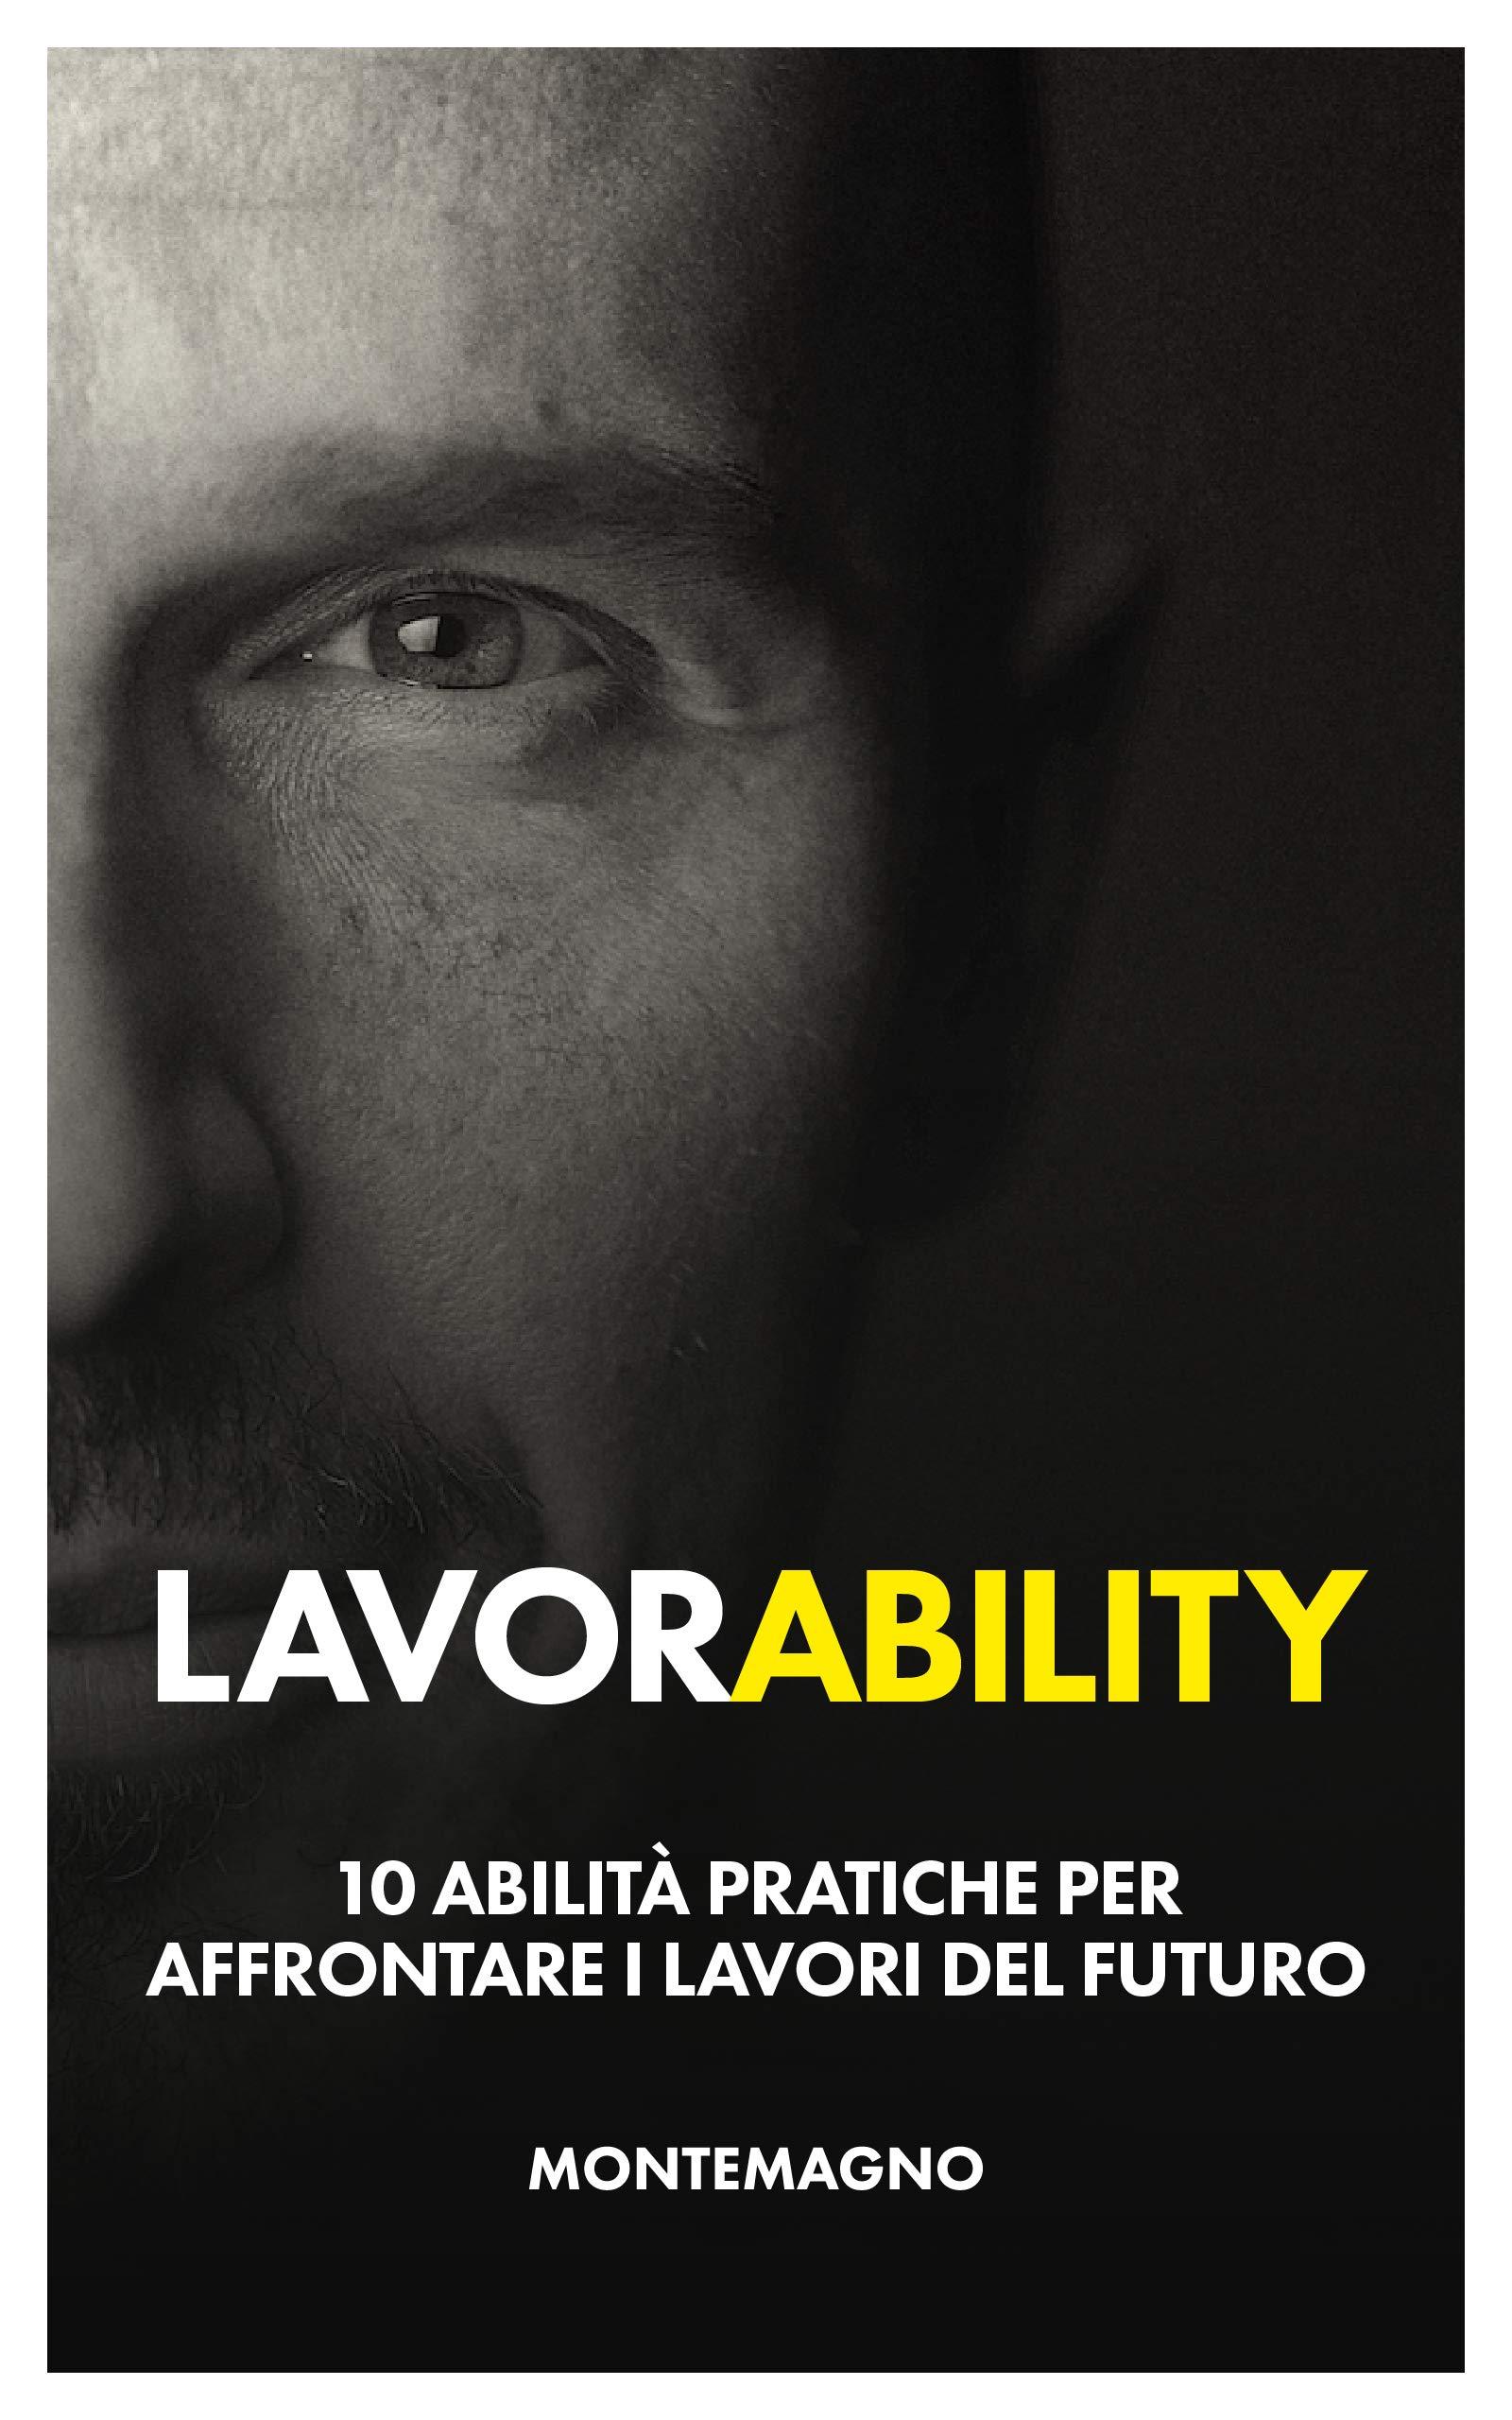 Lavorability. 10 abilità pratiche per affrontare i lavori del futuro.